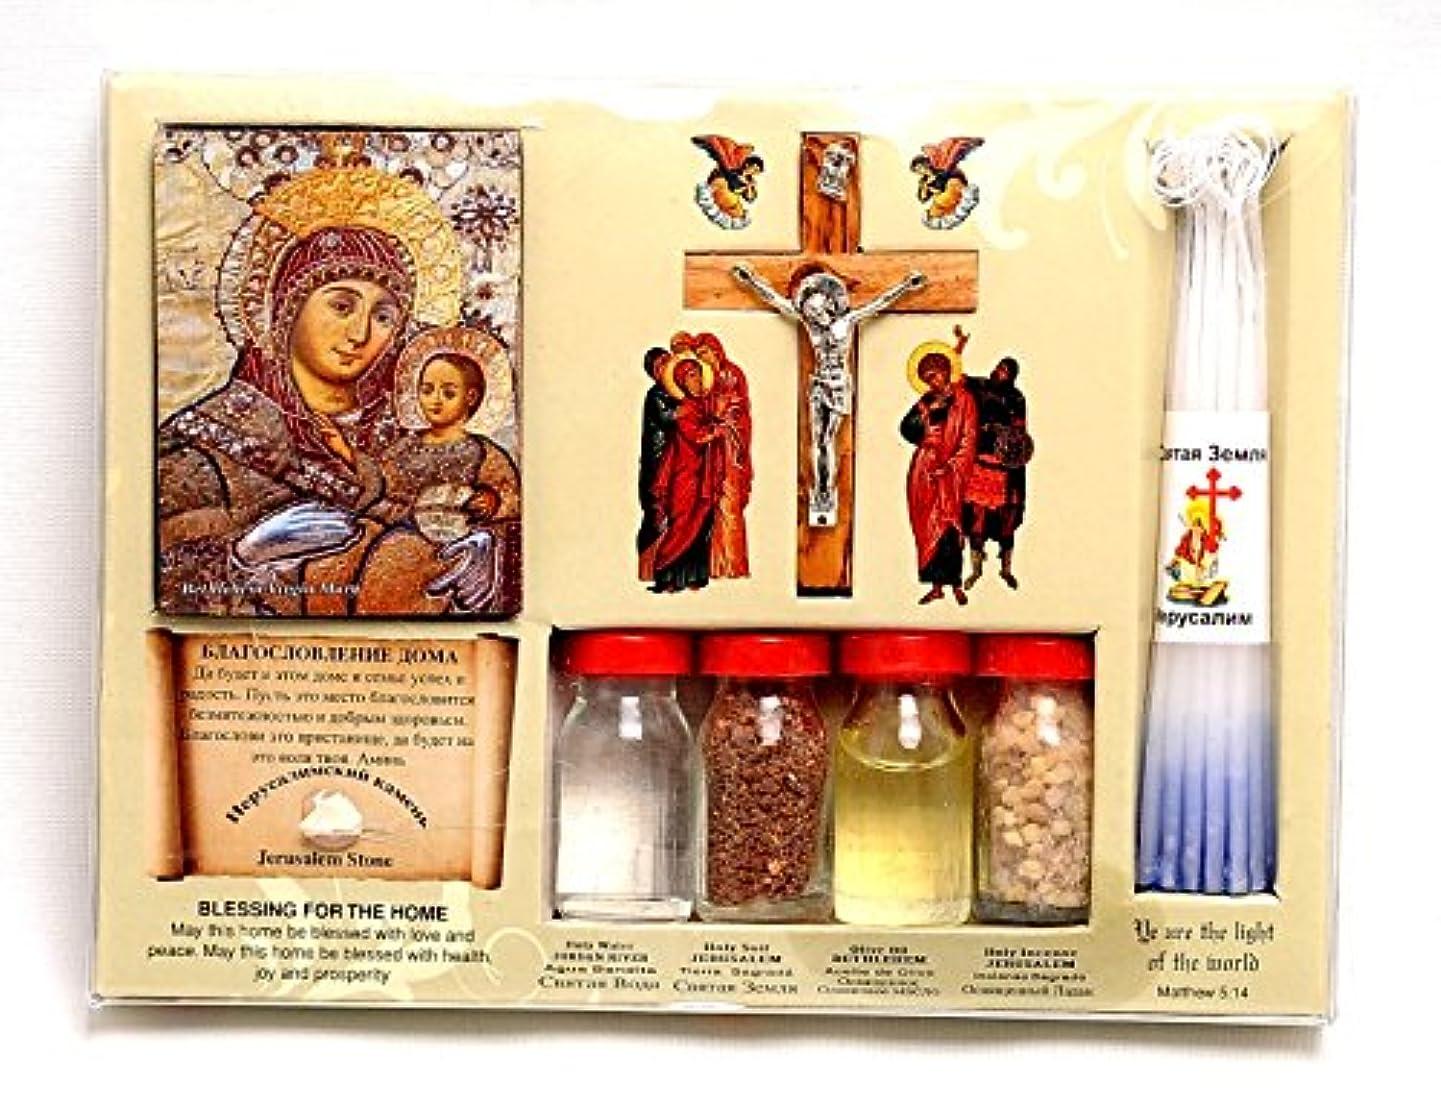 進化する怠な開業医ホーム祝福キットボトル、クロス&キャンドルから聖地エルサレム